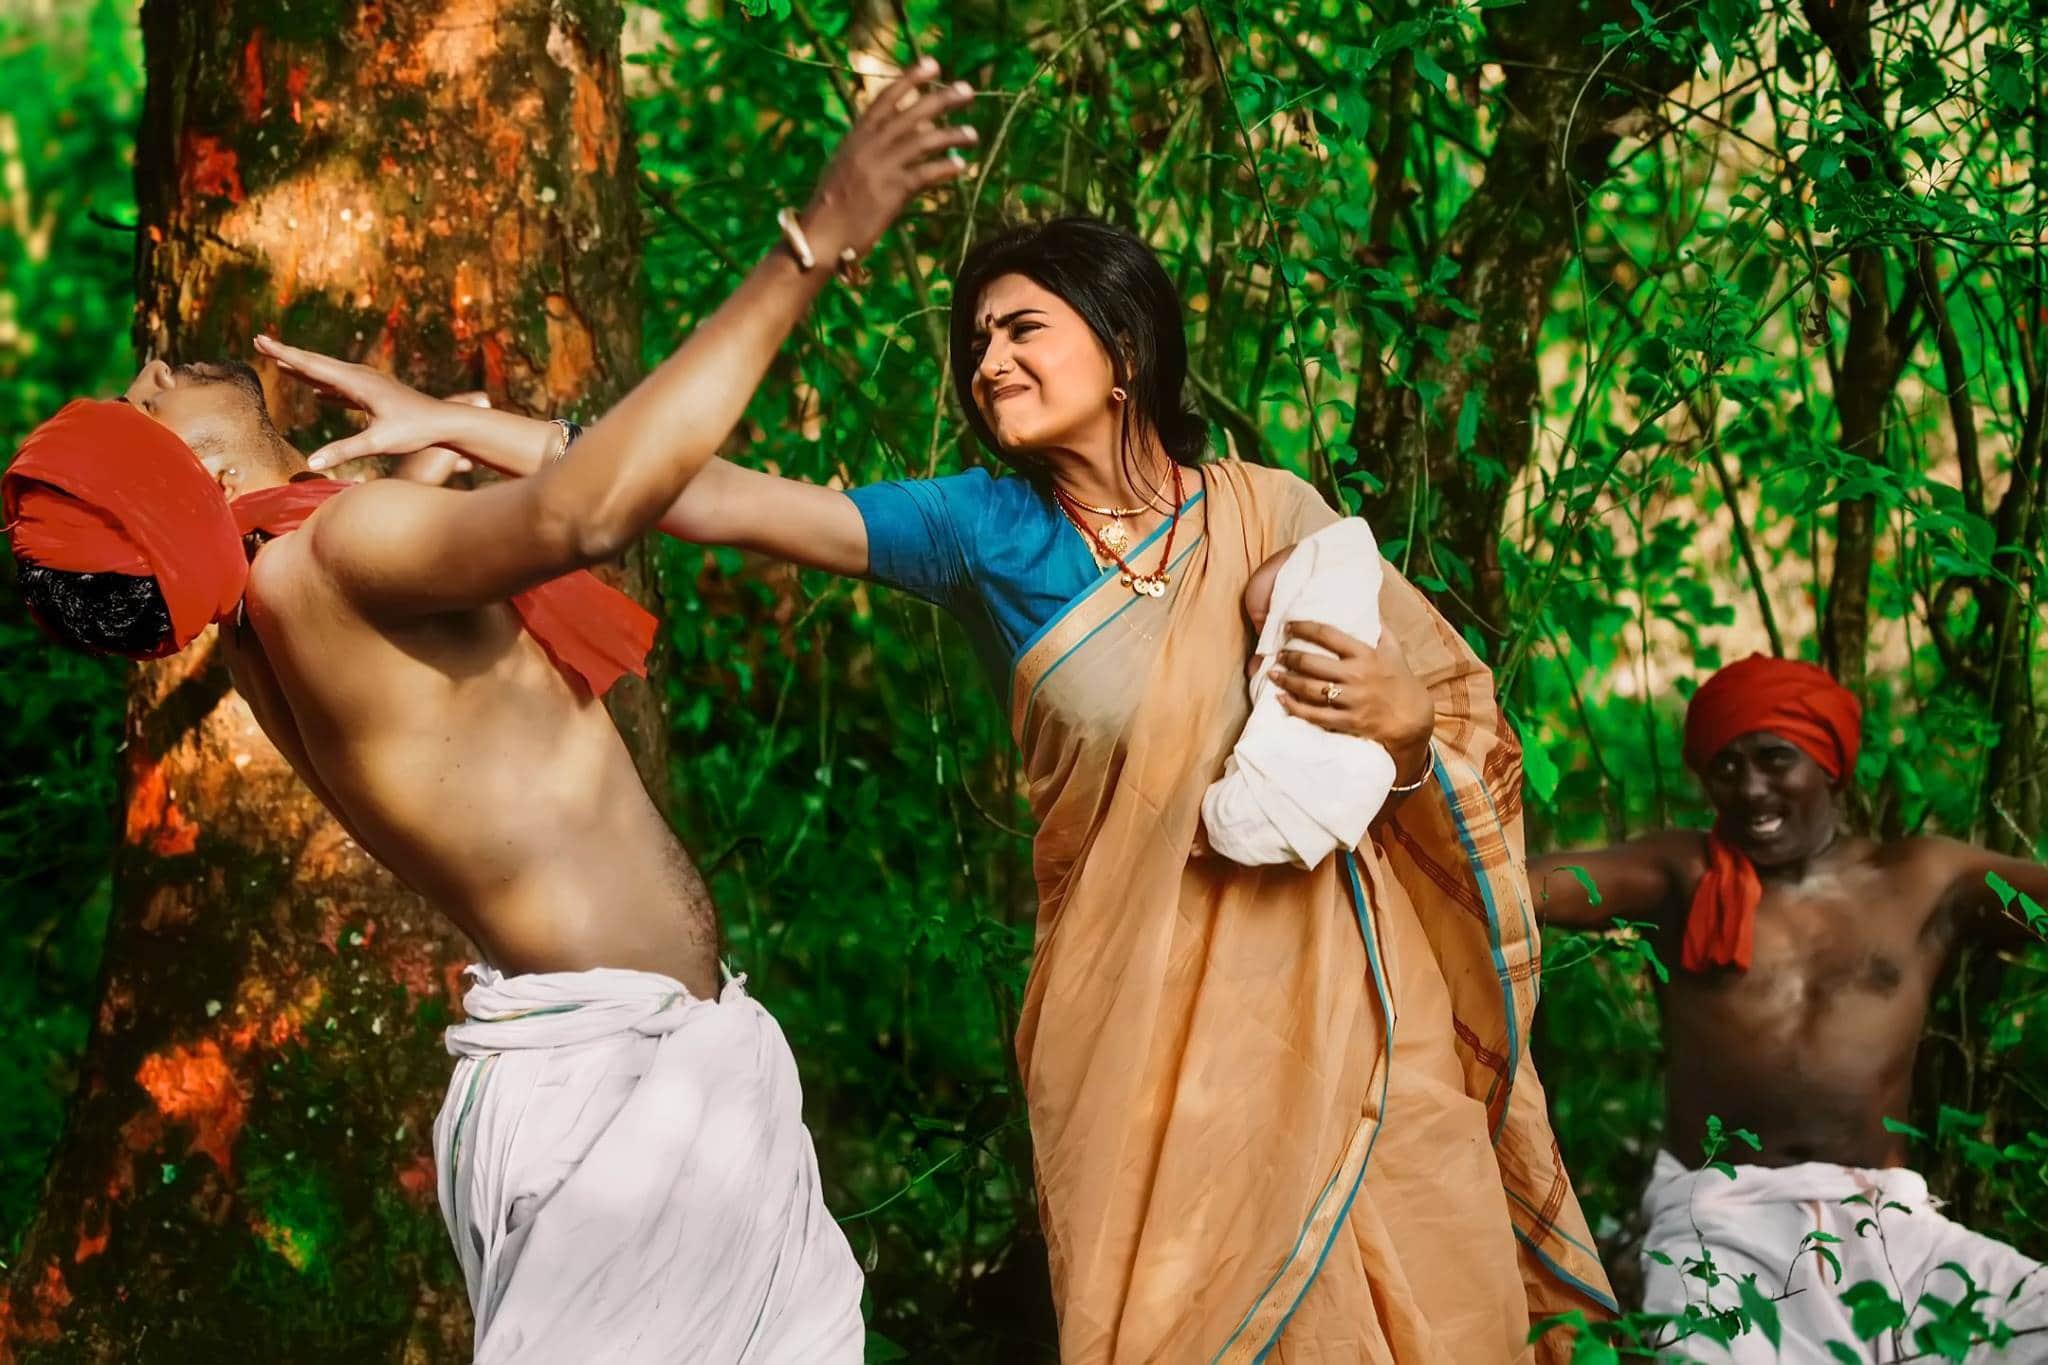 An-Award-winning-photo-story-Avani-By-Arjun-Kamath-41